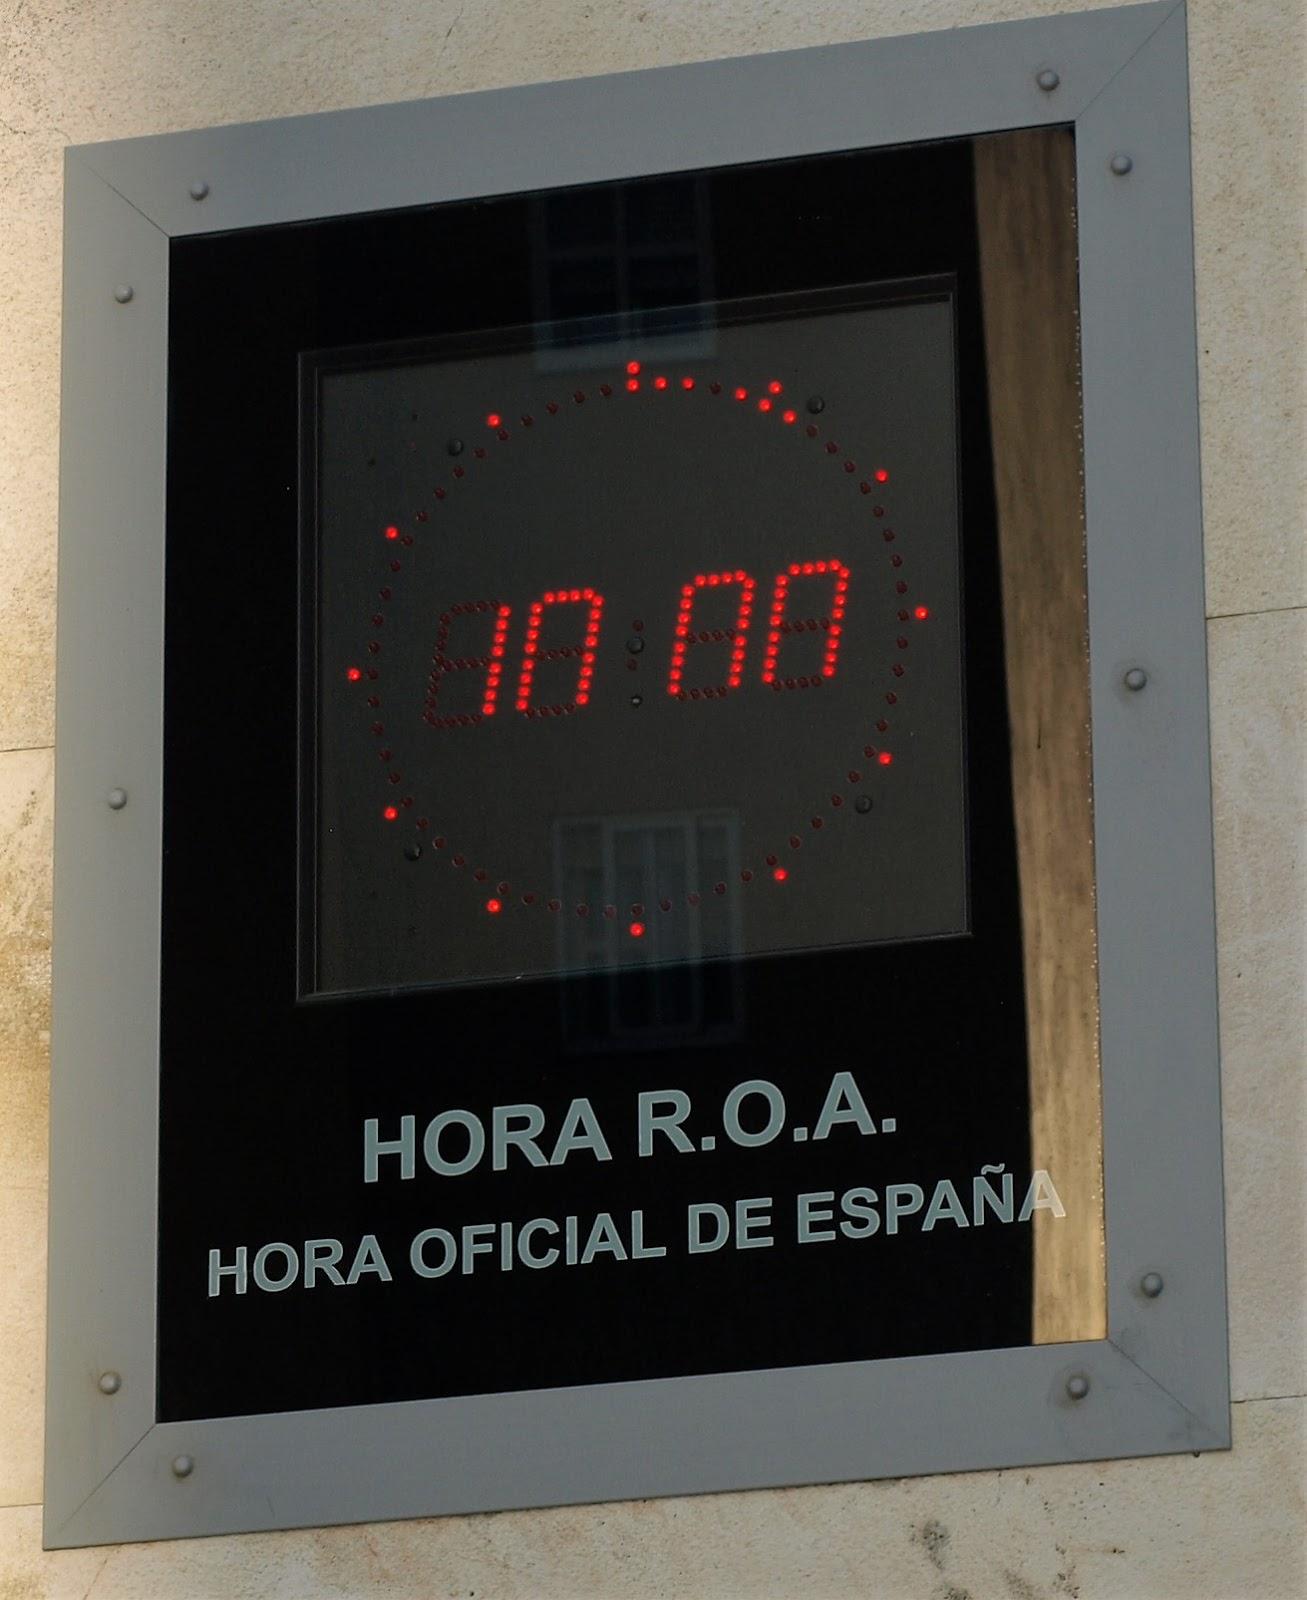 3a1ccfc90d2 À porta do complexo do Observatório de Marinha de Espanha. O relógio  marcava as 10h00 exactas.